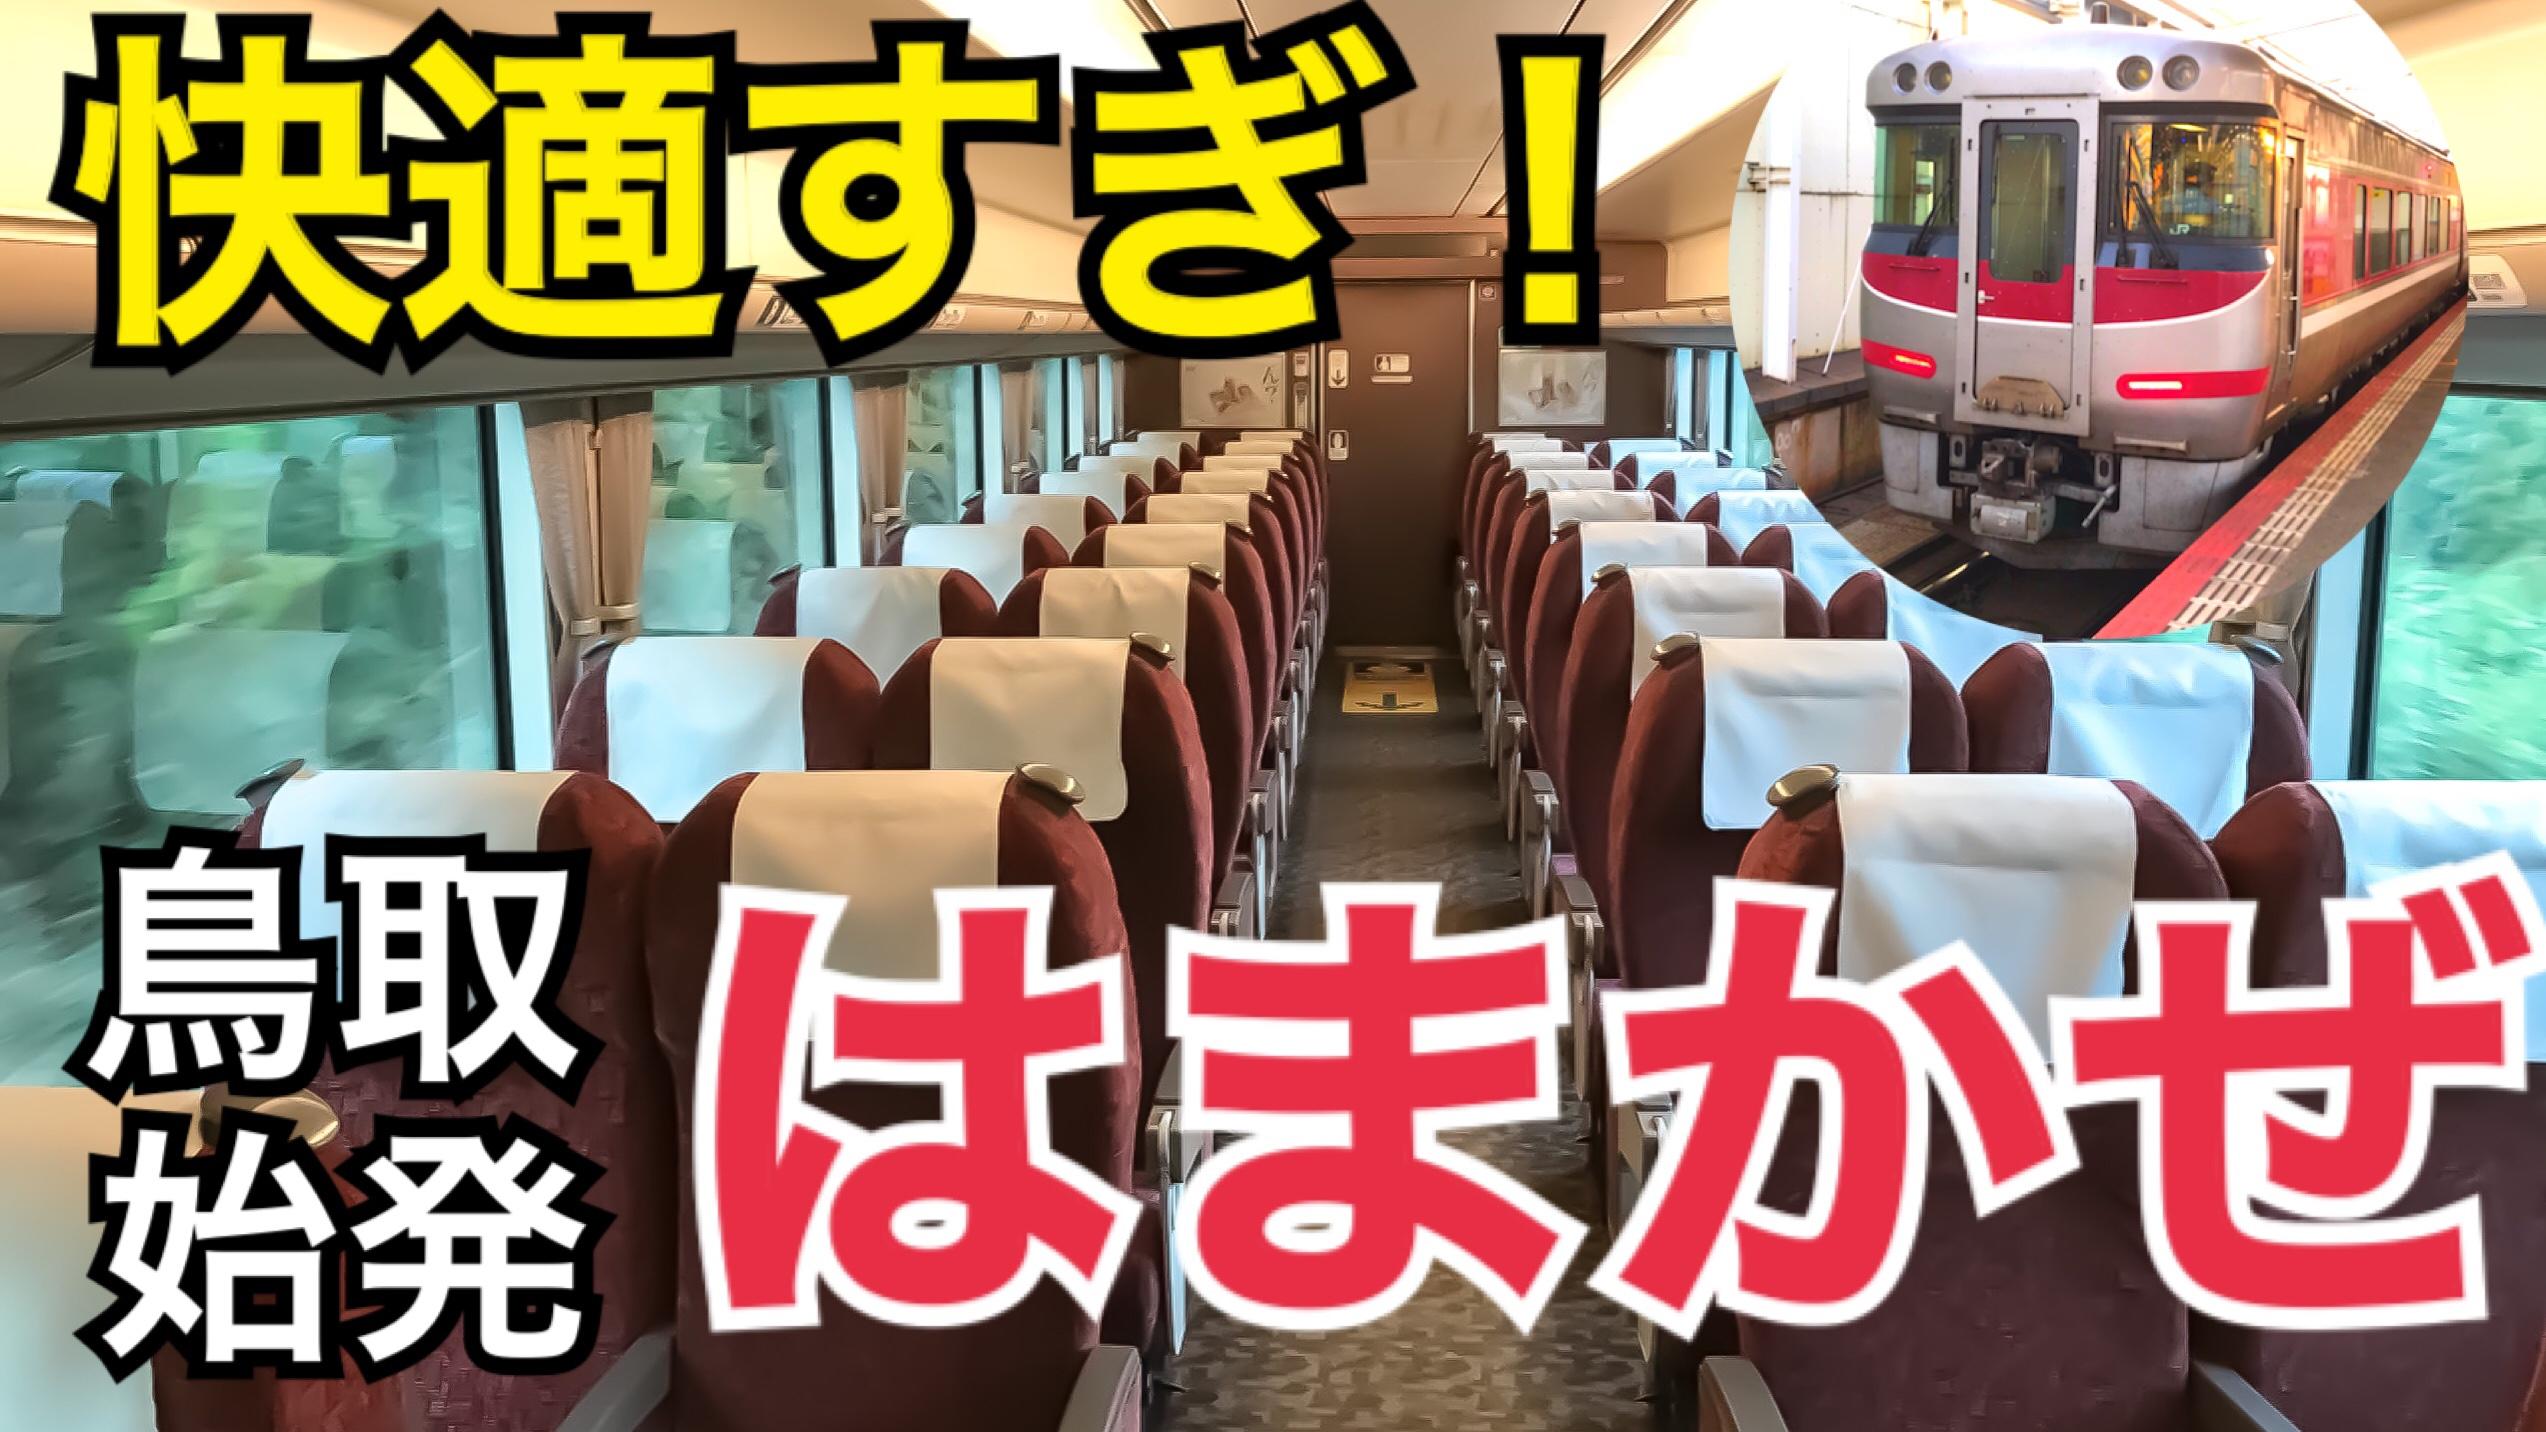 1日1本!貴重な鳥取始発「はまかぜ」乗車記 はまかぜ号から海を望む旅【西日本1周の旅】